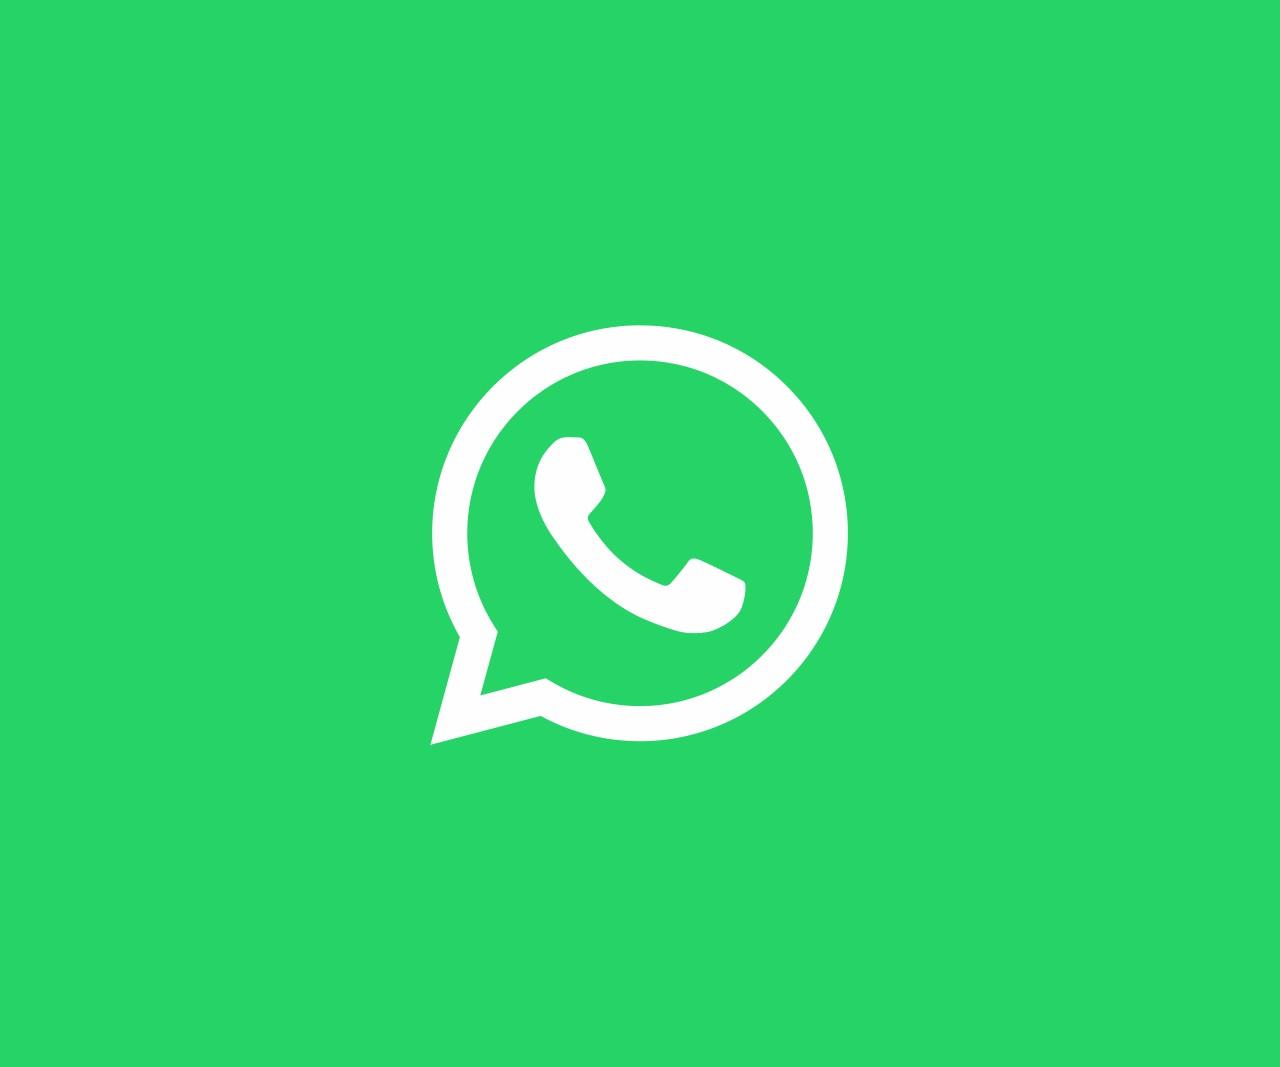 האם בקרוב יהיו שיחות וידאו קבוצתיות בוואטסאפ?